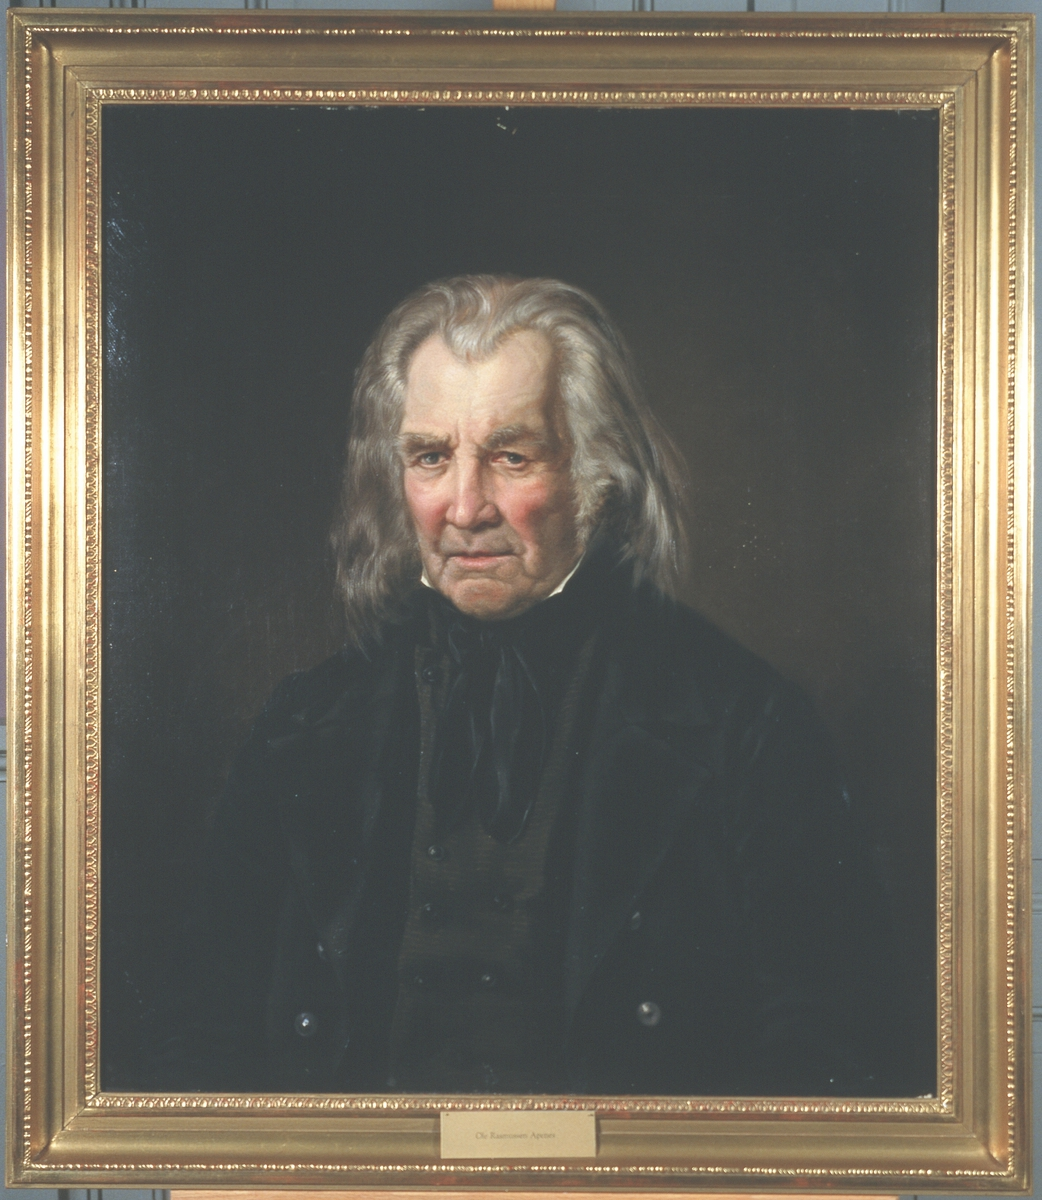 Portrett av Ole Rasmussen Apenes. Mørk drakt, brunsvart vest.